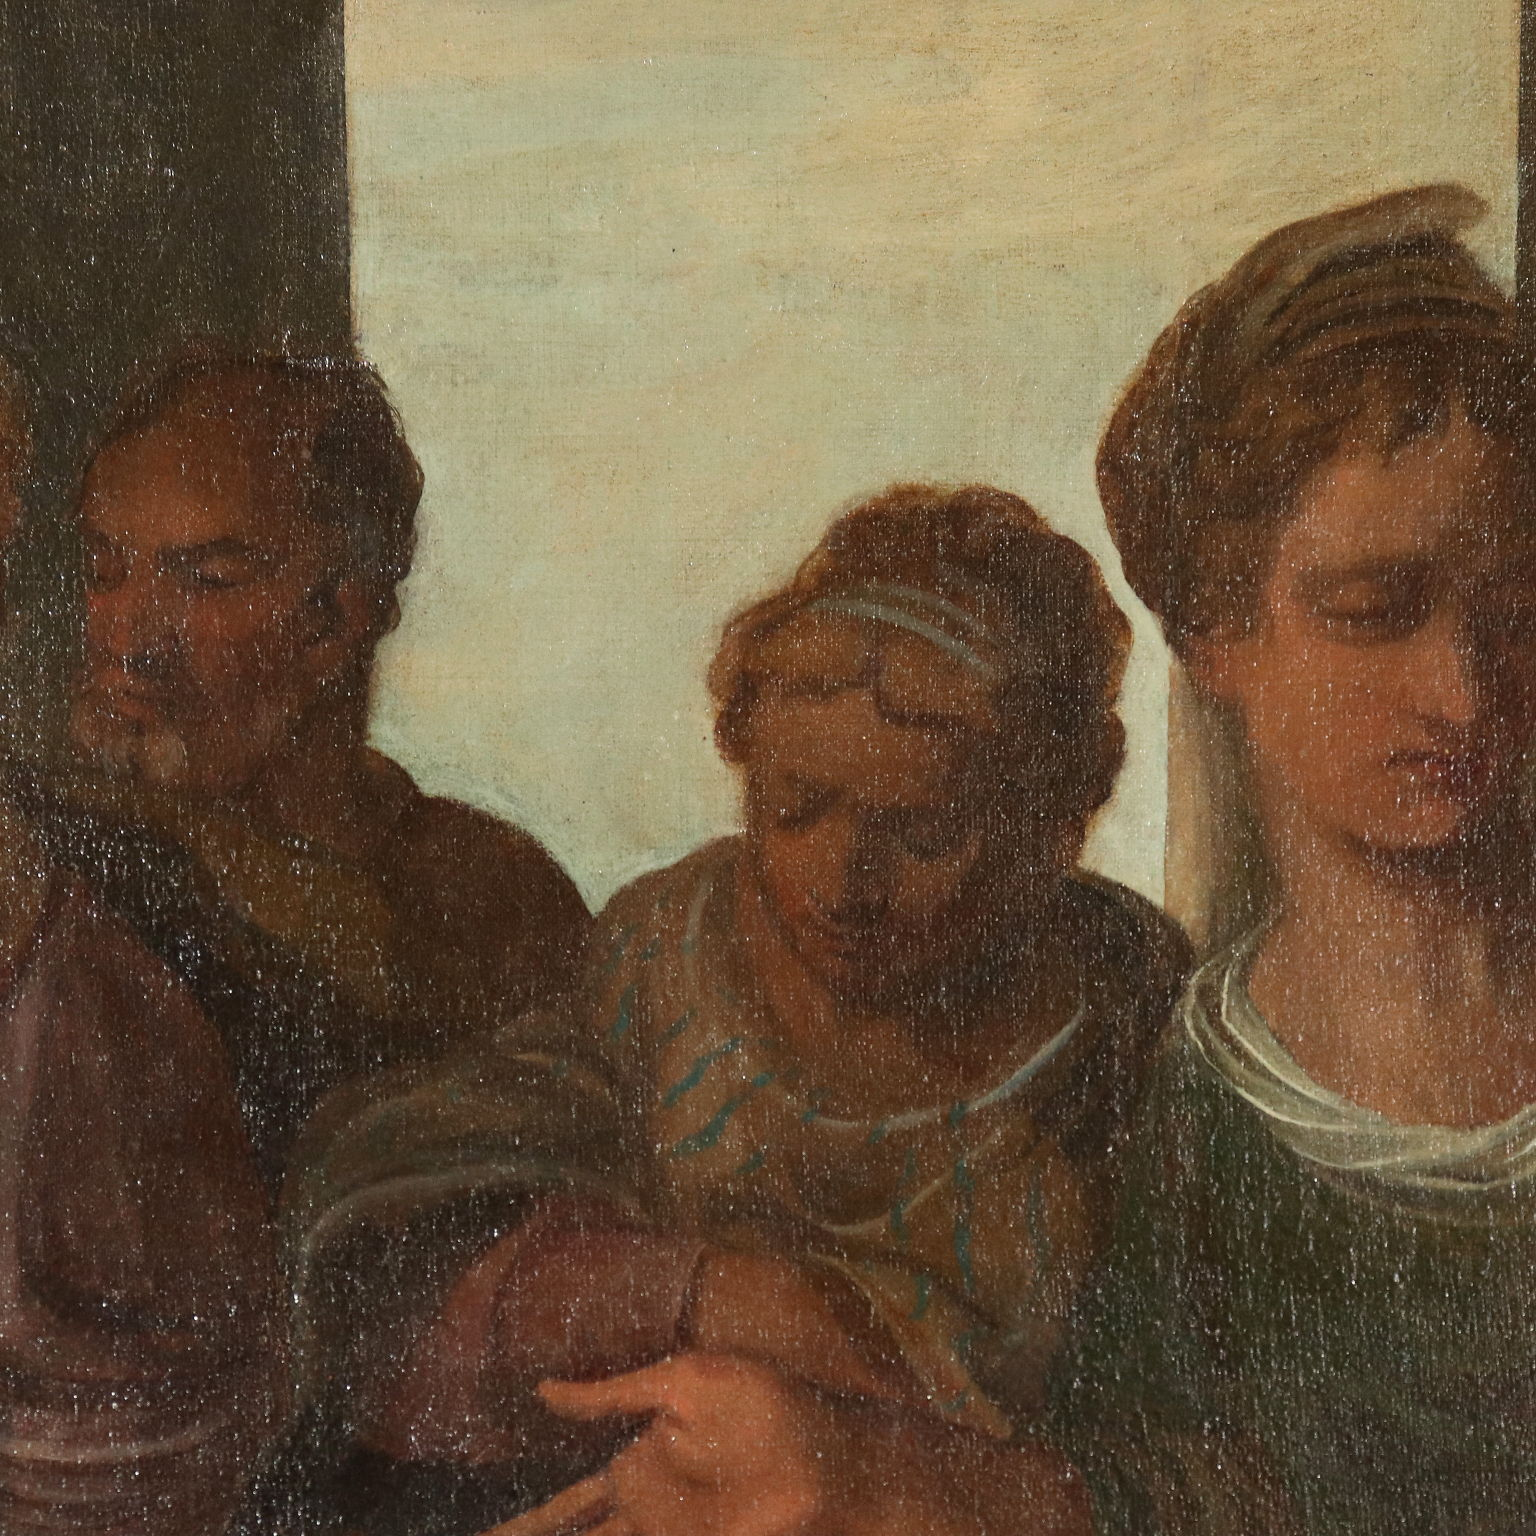 La Grande Peinture Historique Sujet Peinture Ancienne L Art Dimanoinmano It